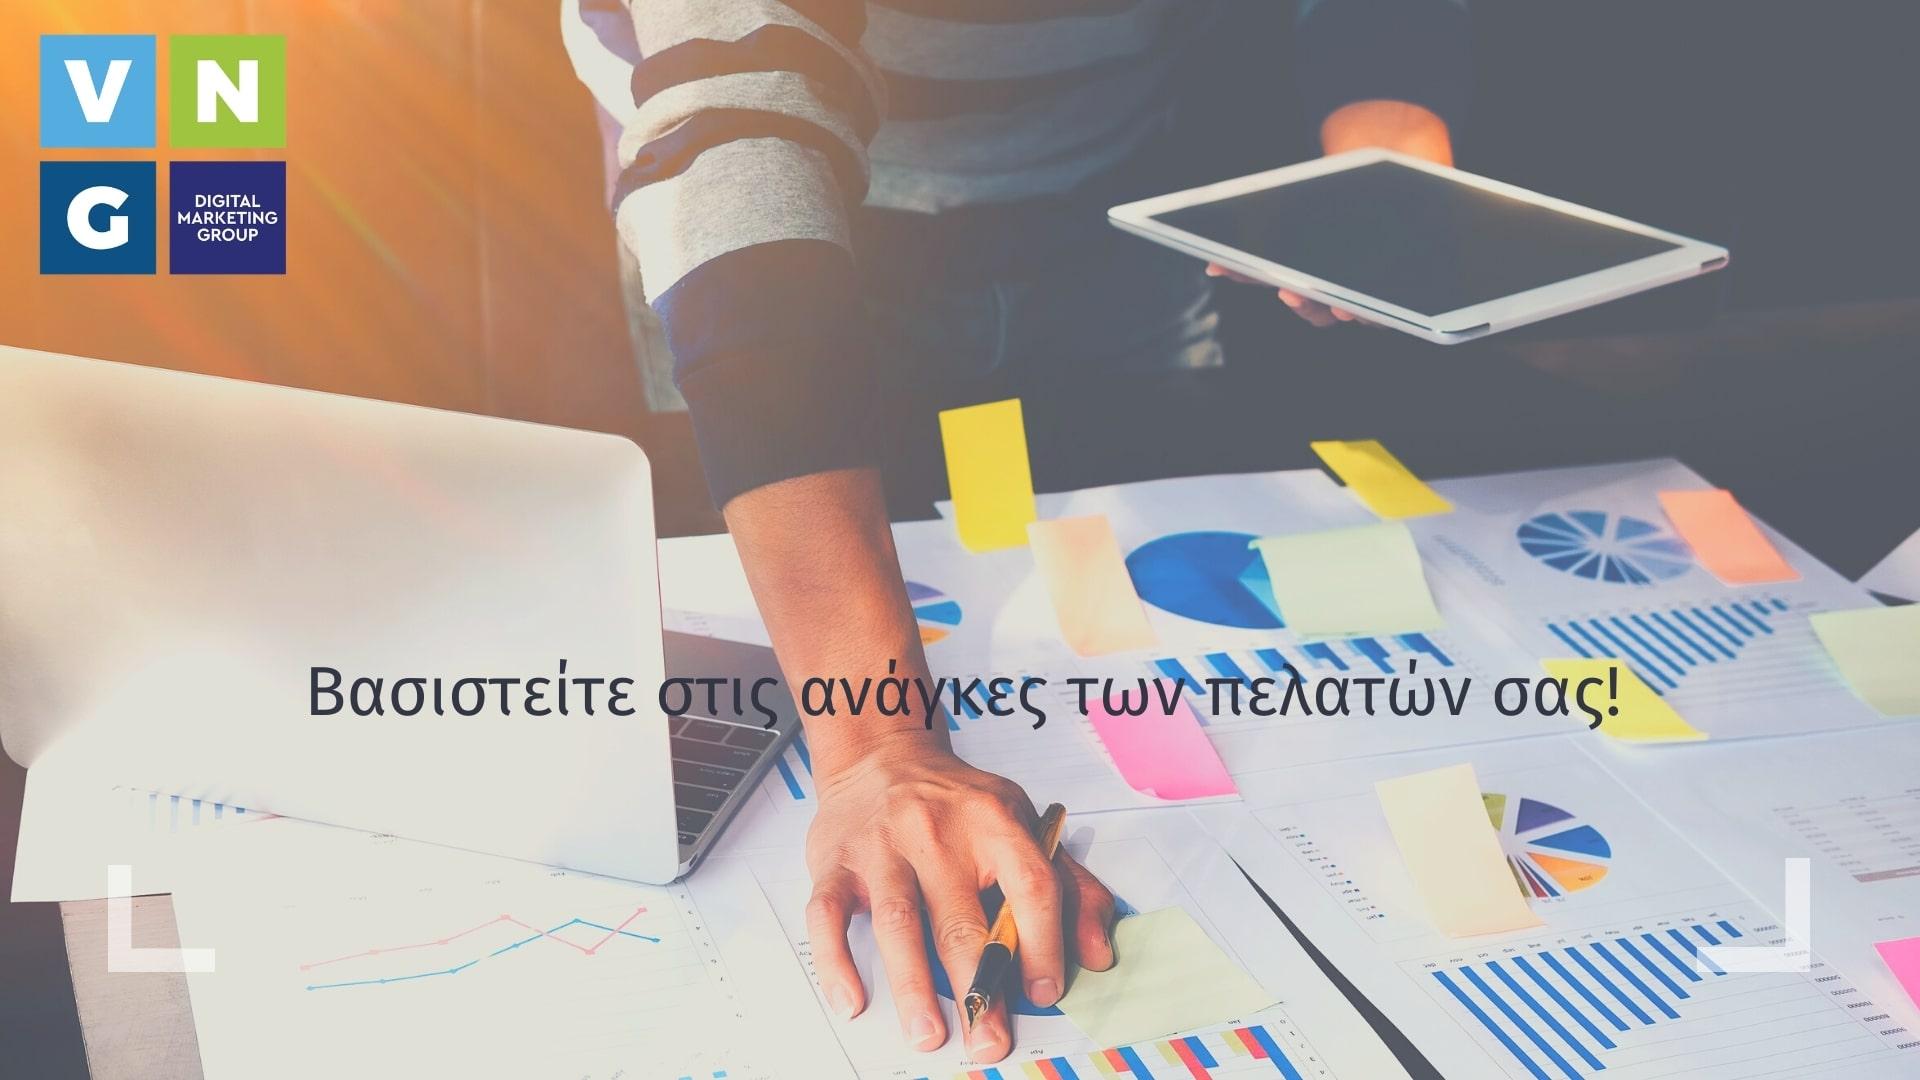 Η στρατηγική SEO που πρέπει να δημιουργήσετε για να αναπτύξετε την επιχείρησή σας